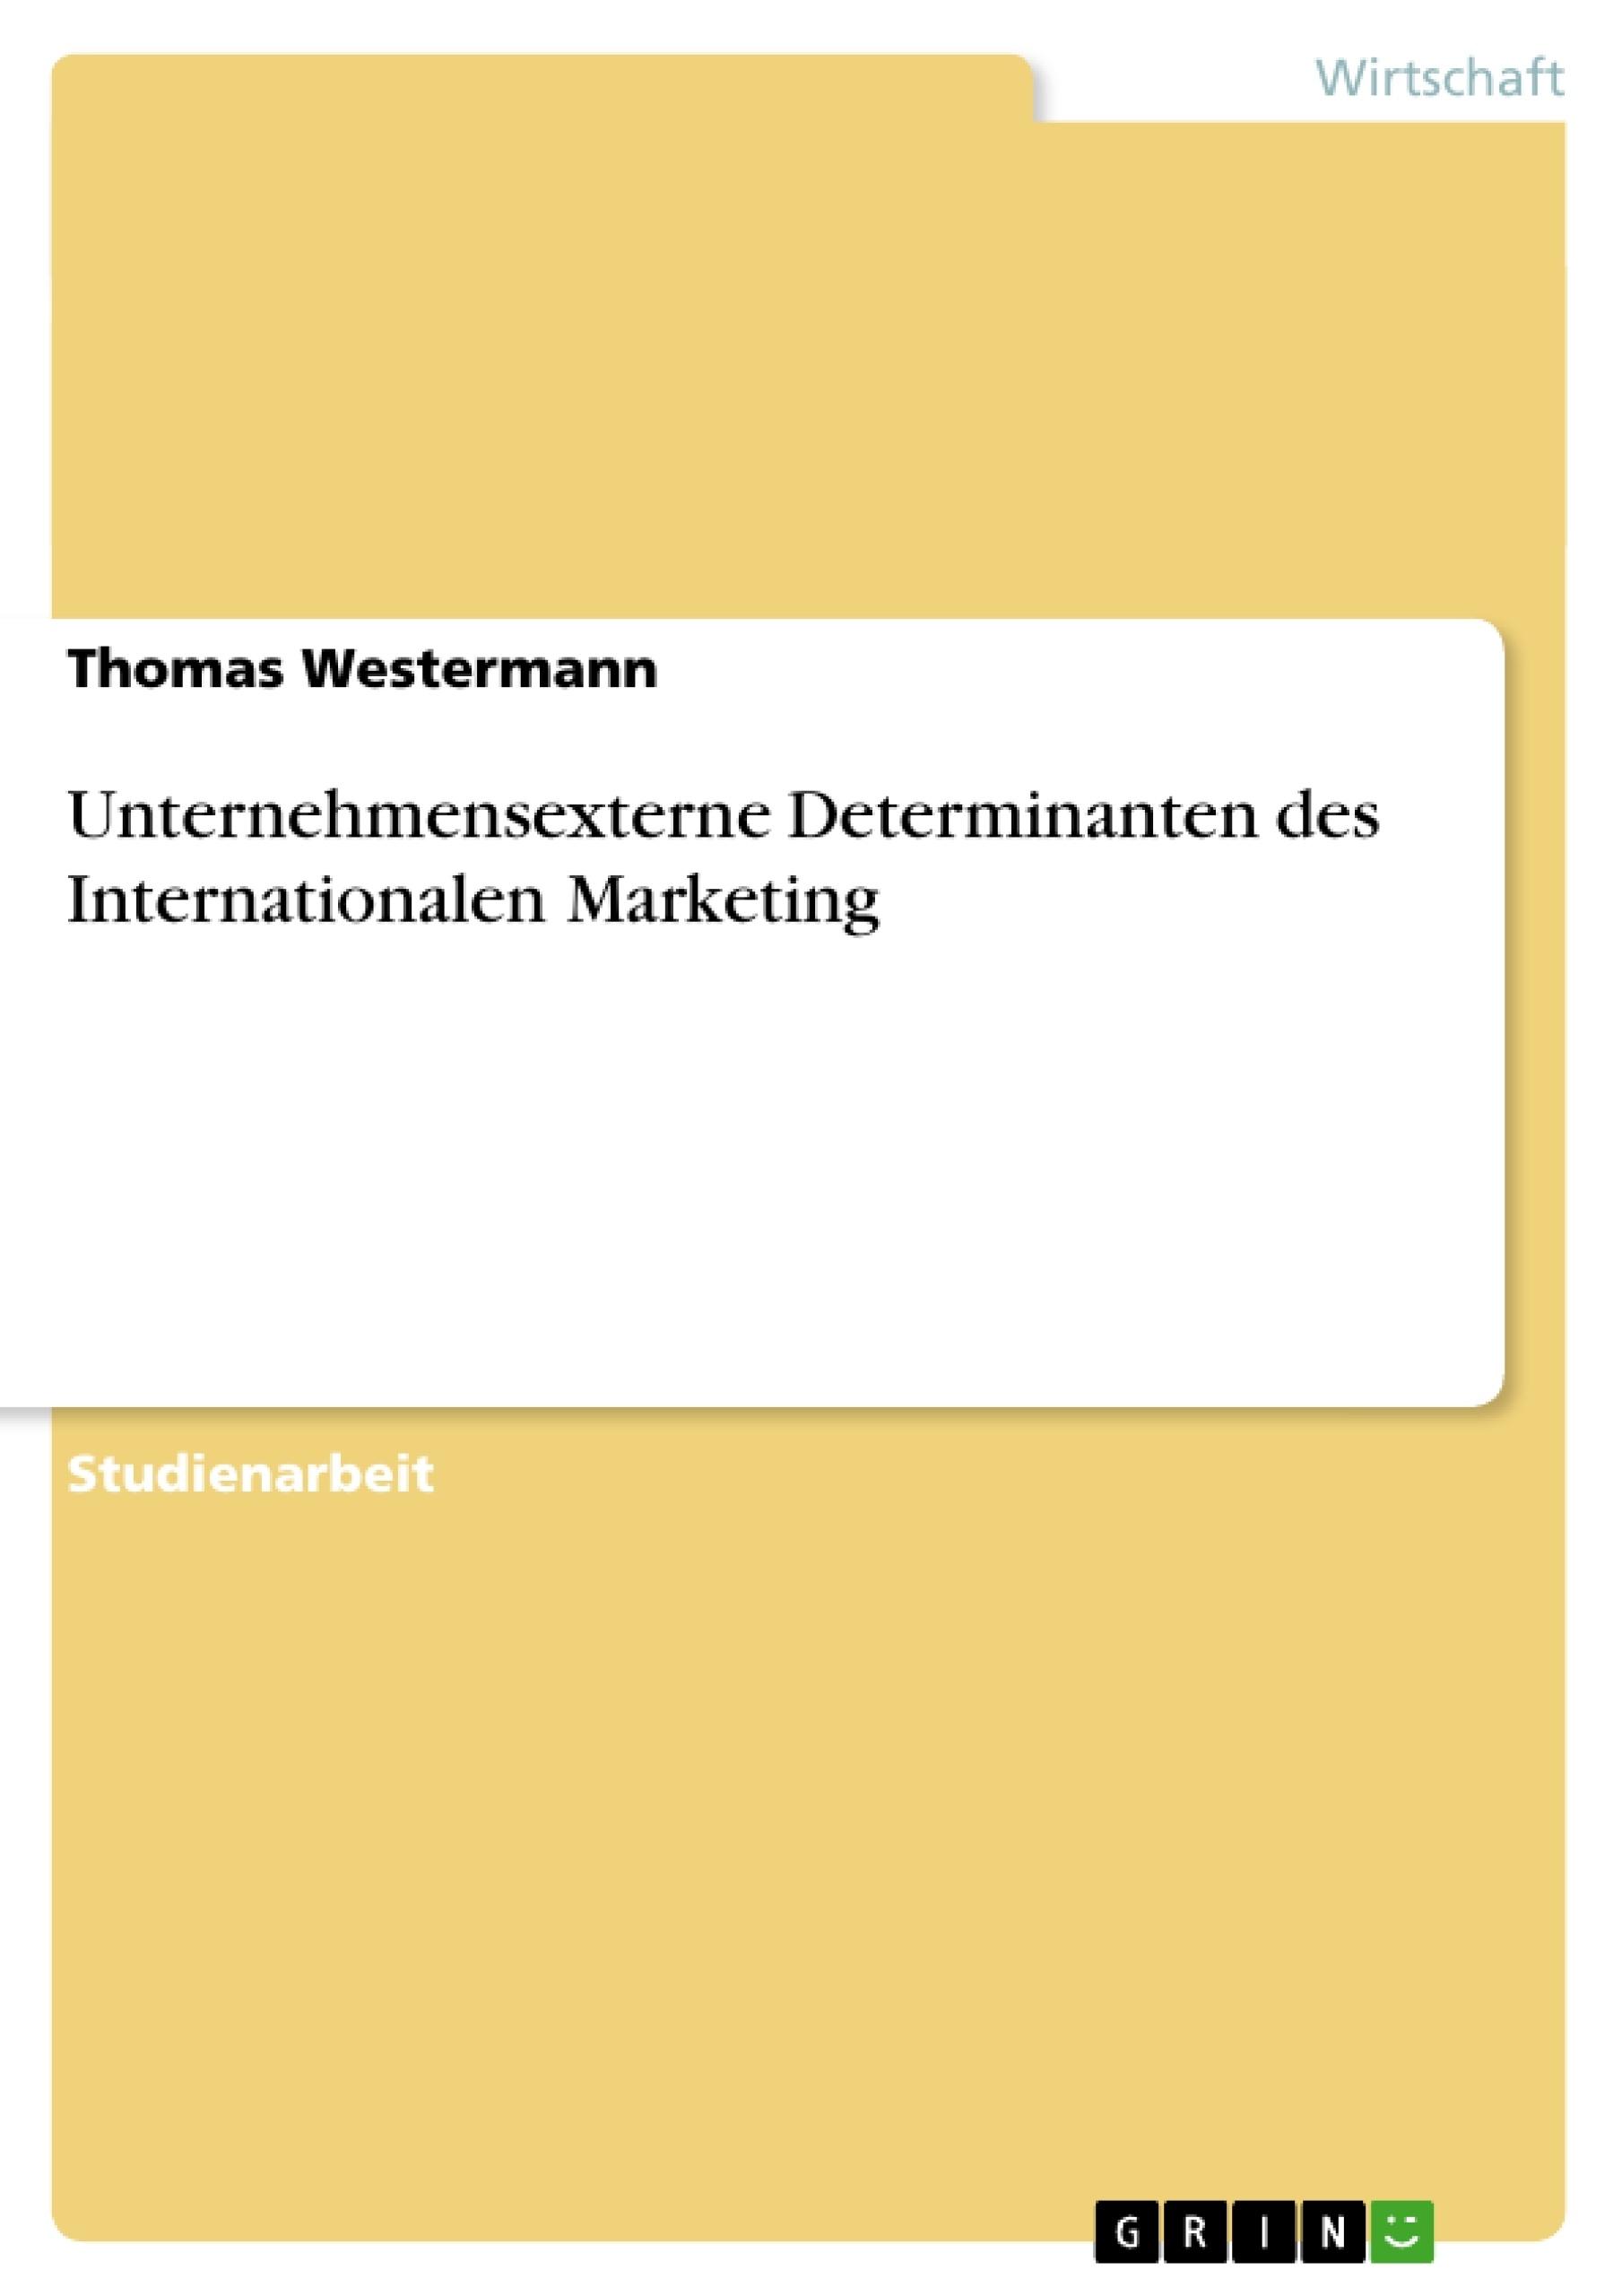 Titel: Unternehmensexterne Determinanten des Internationalen Marketing